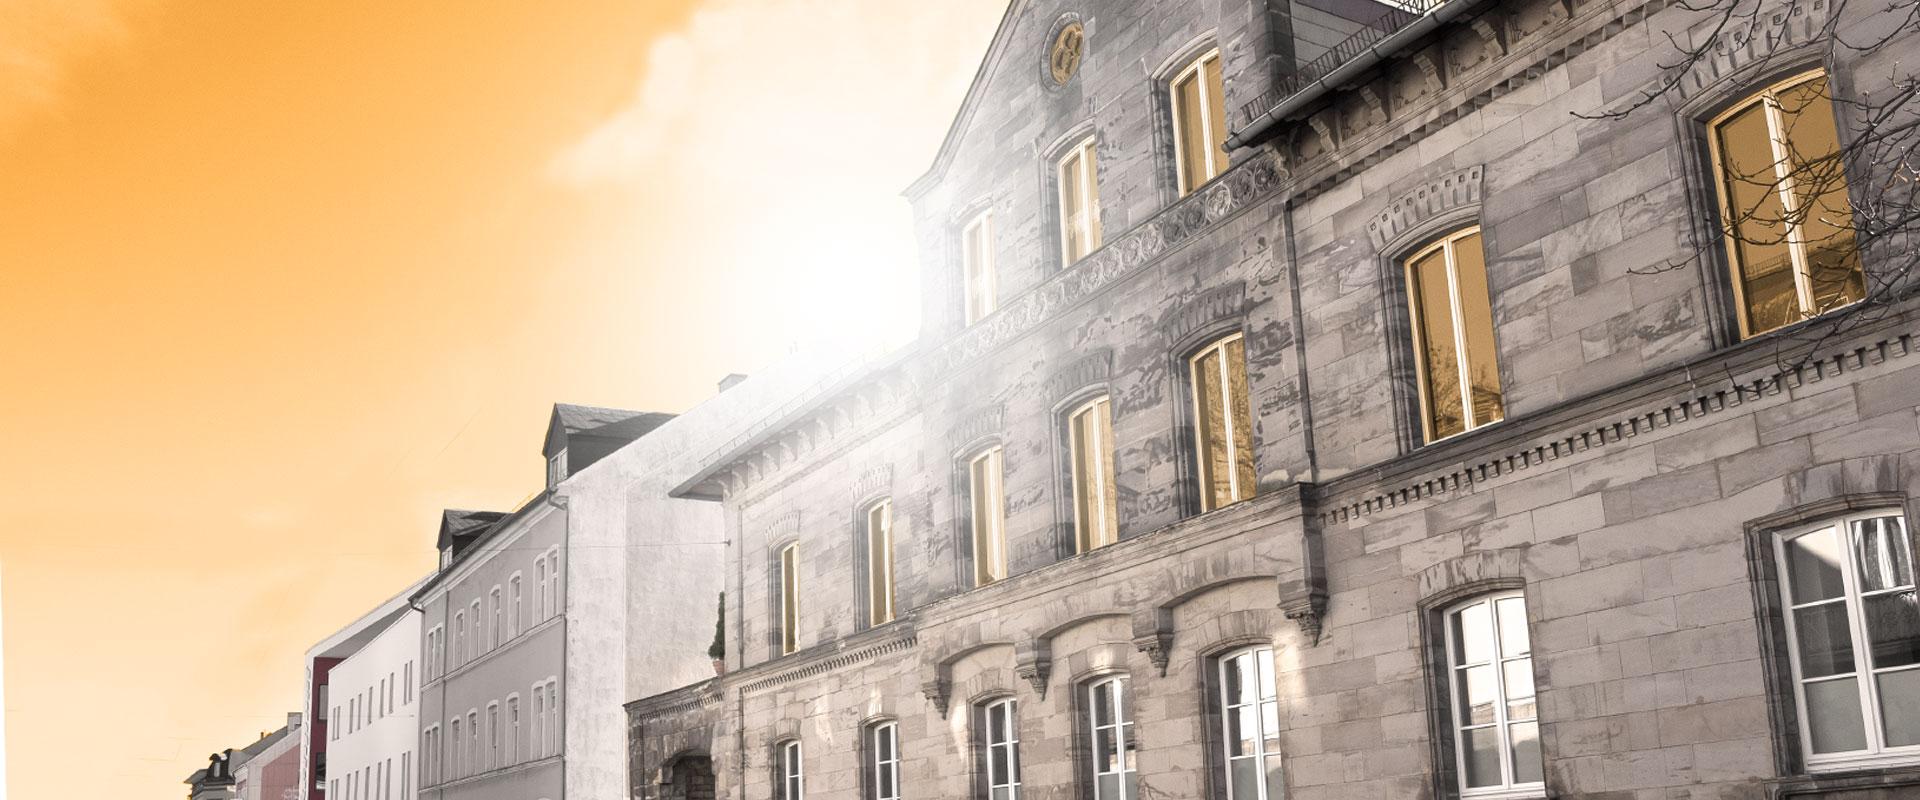 vub makler - Immobilienmakler in Hof und Umland